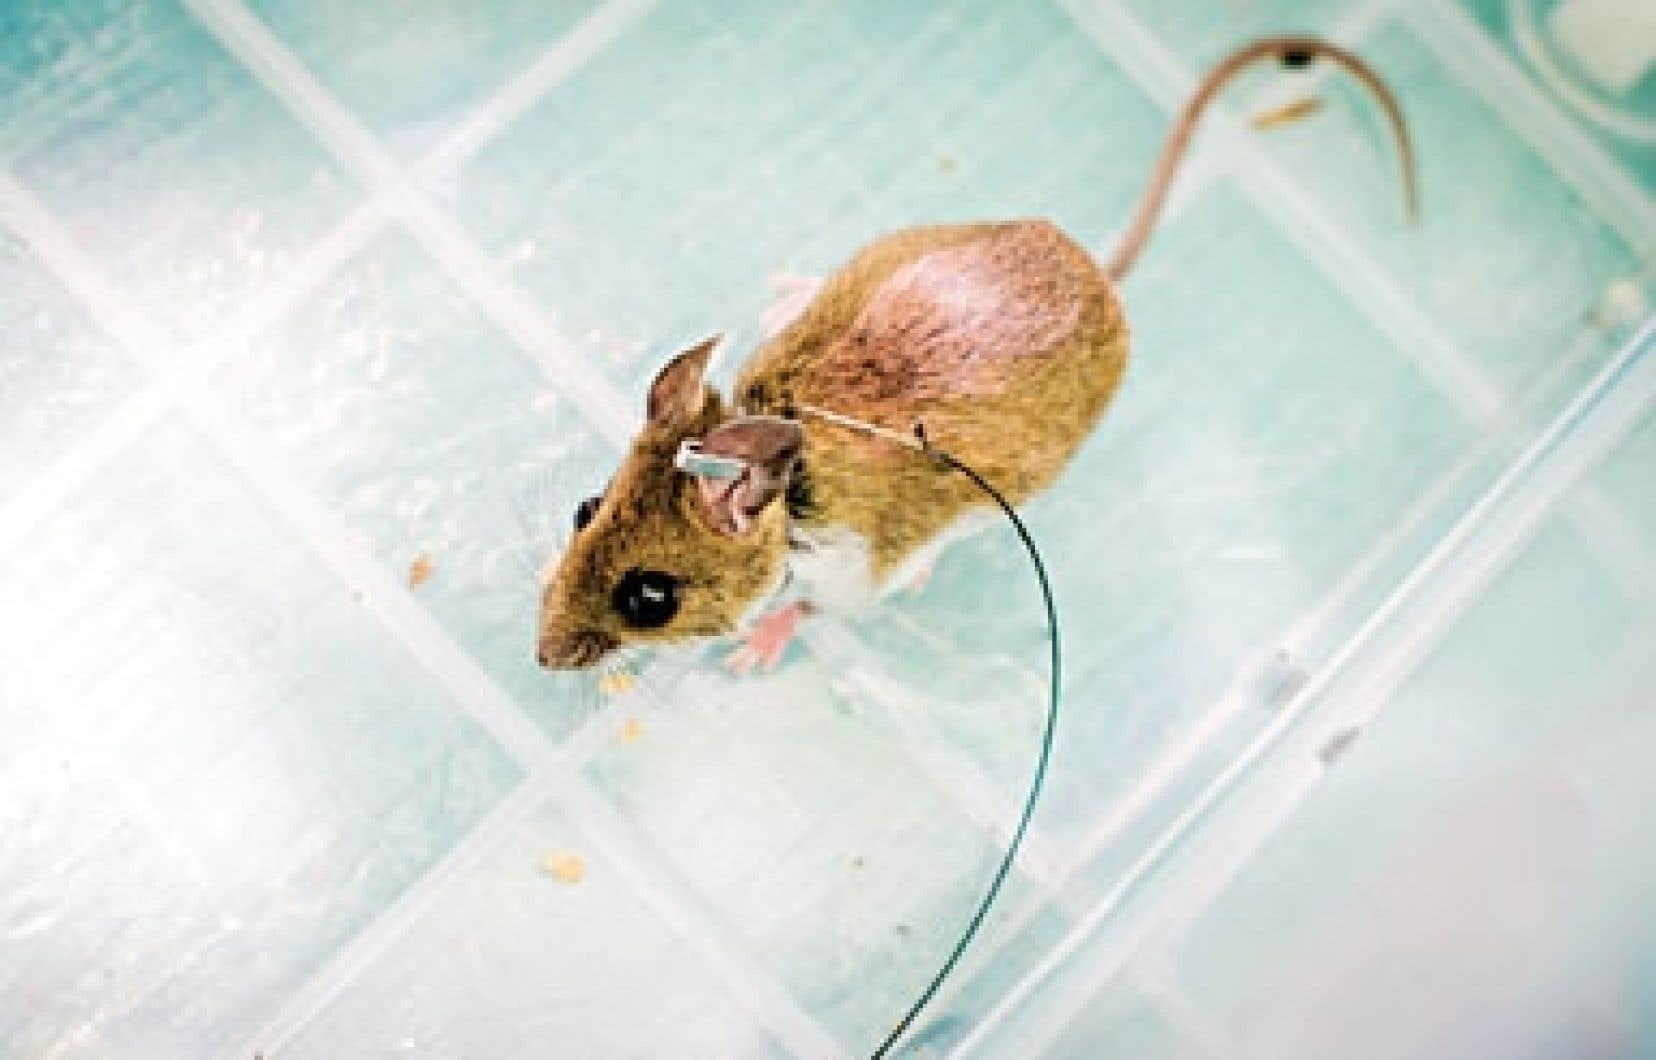 Des souris infectées par la bactérie causant la maladie de Lyme ont été trouvées dans le parc du Mont-Saint-Bruno.